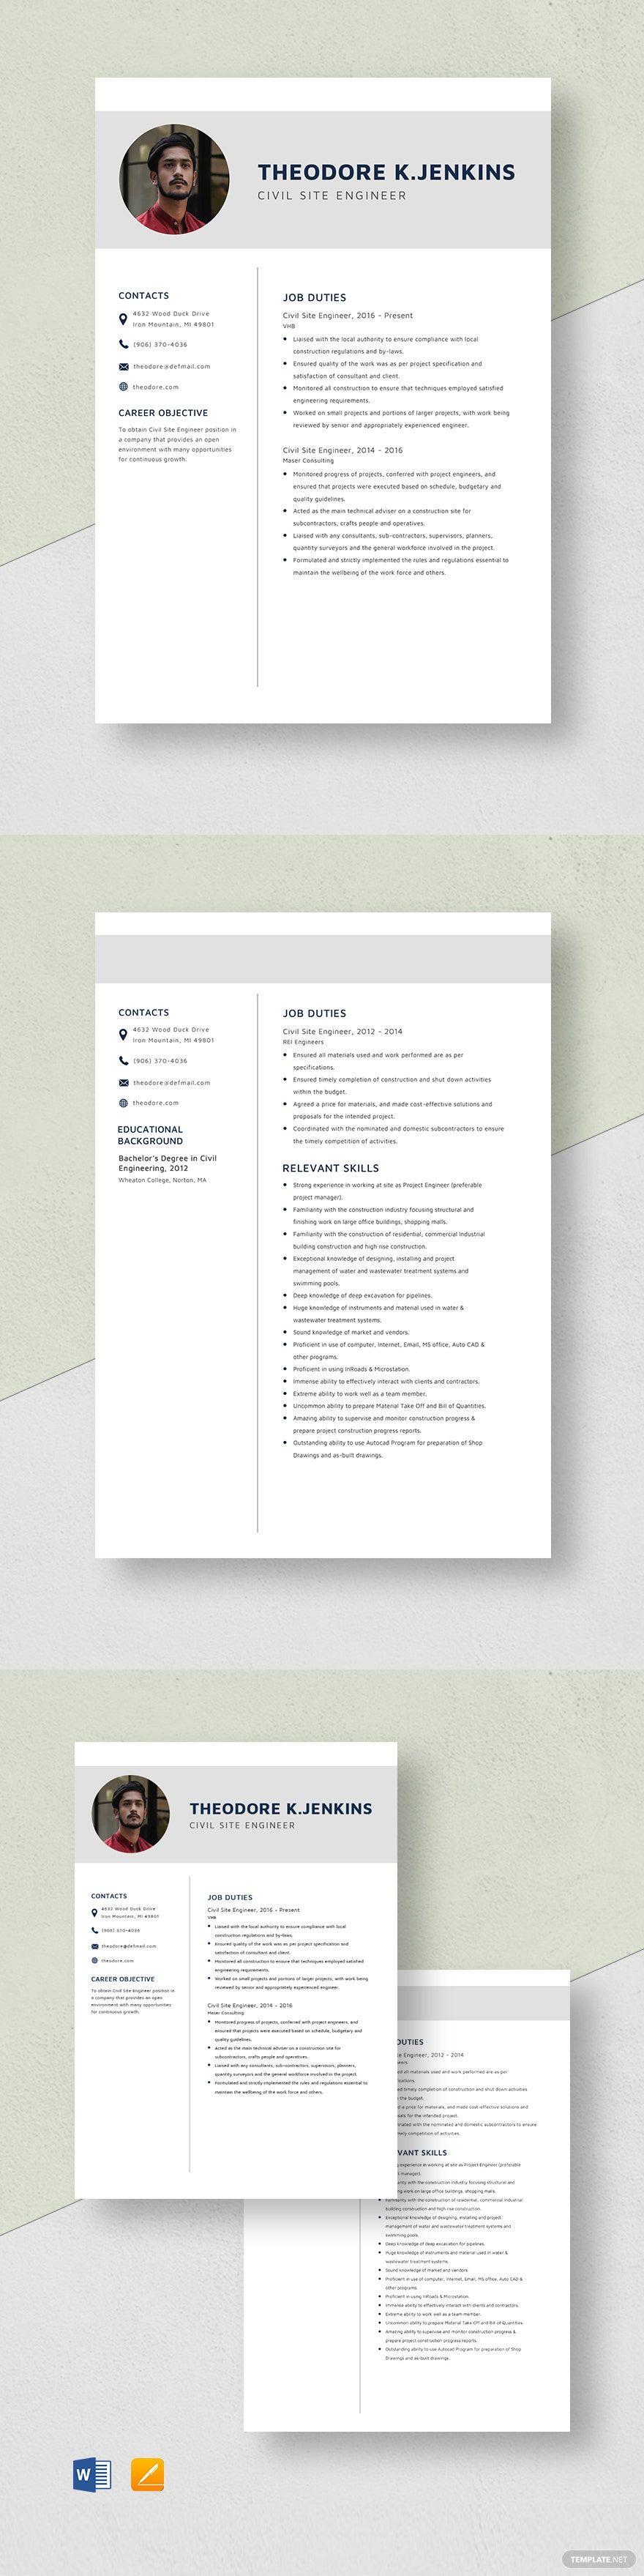 Civil site engineer resume template in 2020 resume